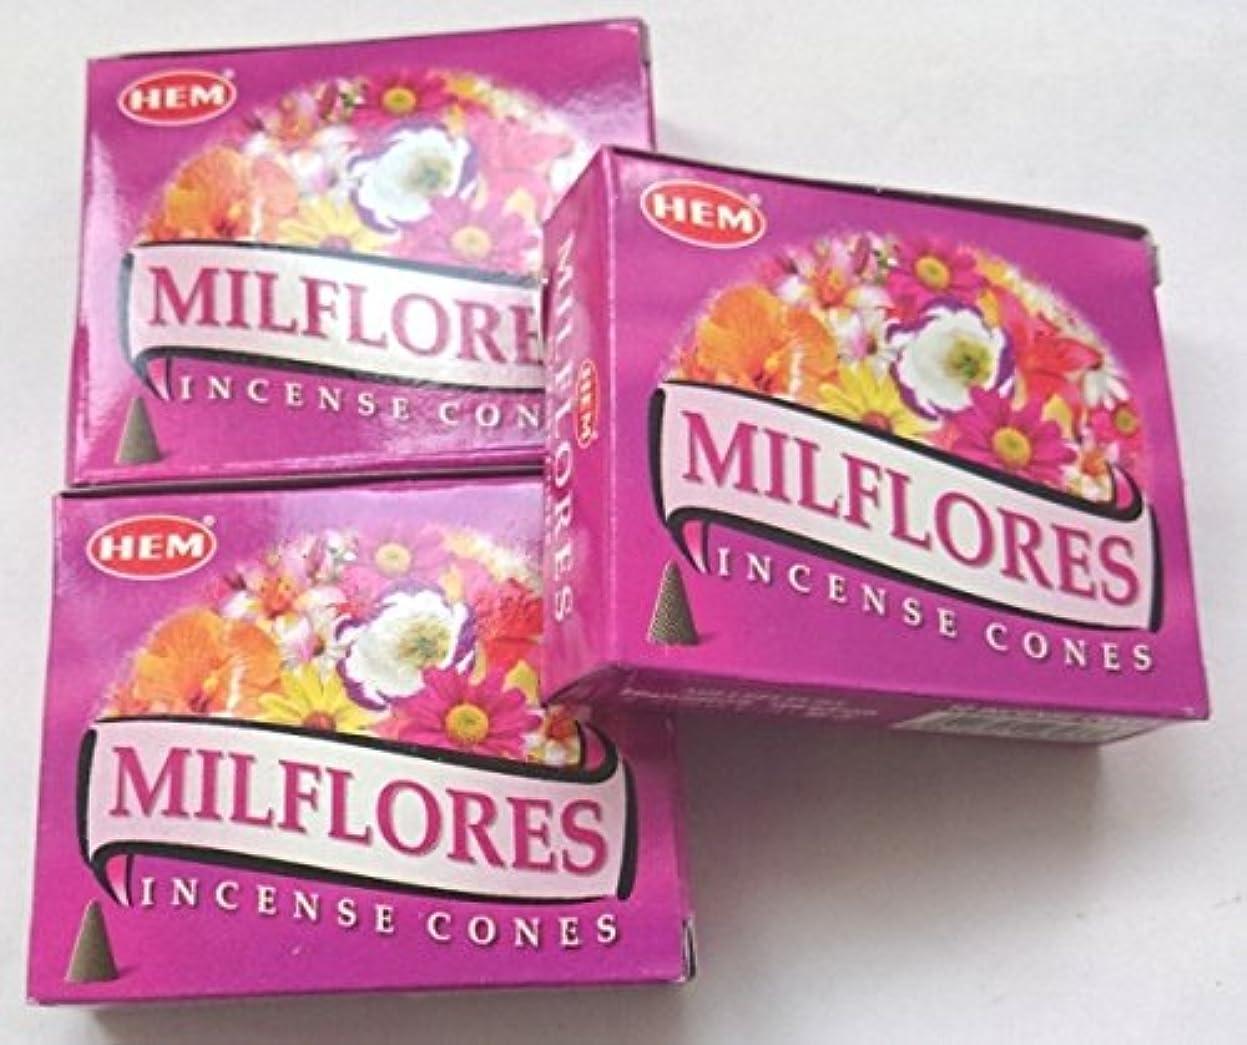 コンパニオン既に五十HEM(ヘム)お香 ミルフローレス コーン 3個セット